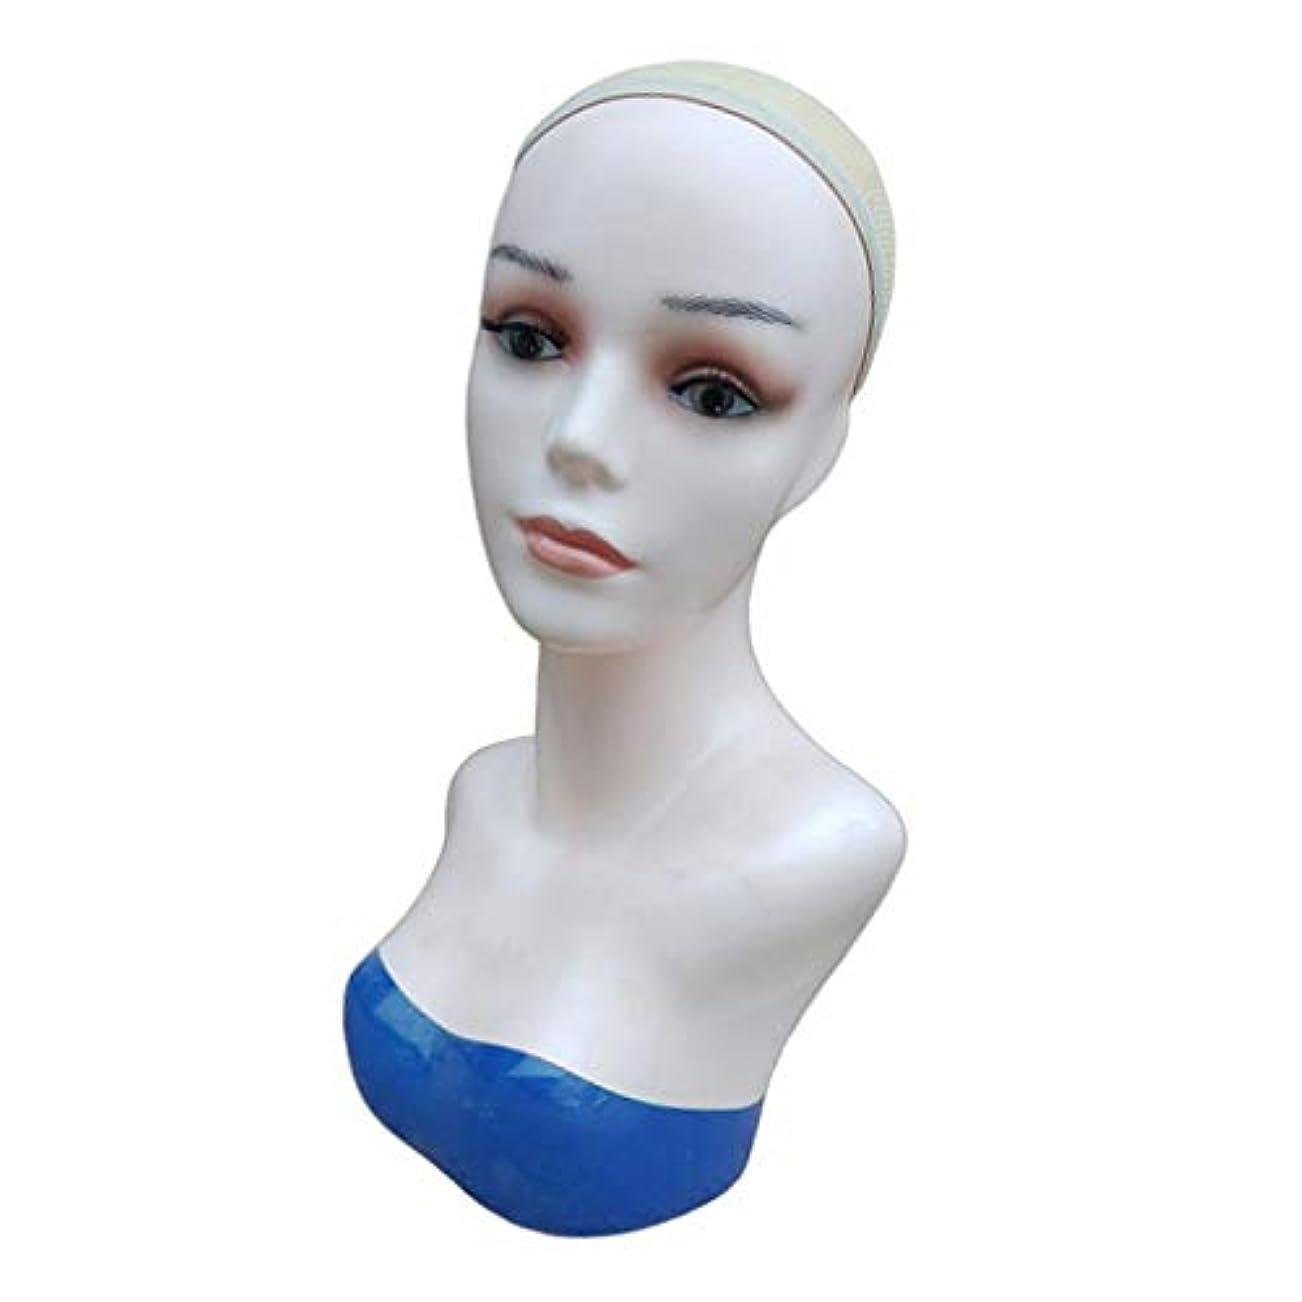 対称水銀の通信網SM SunniMix マネキンヘッド ディスプレイ ウィッグスタンド ハット ジュエリー キャップ かつら 帽子 ホルダー